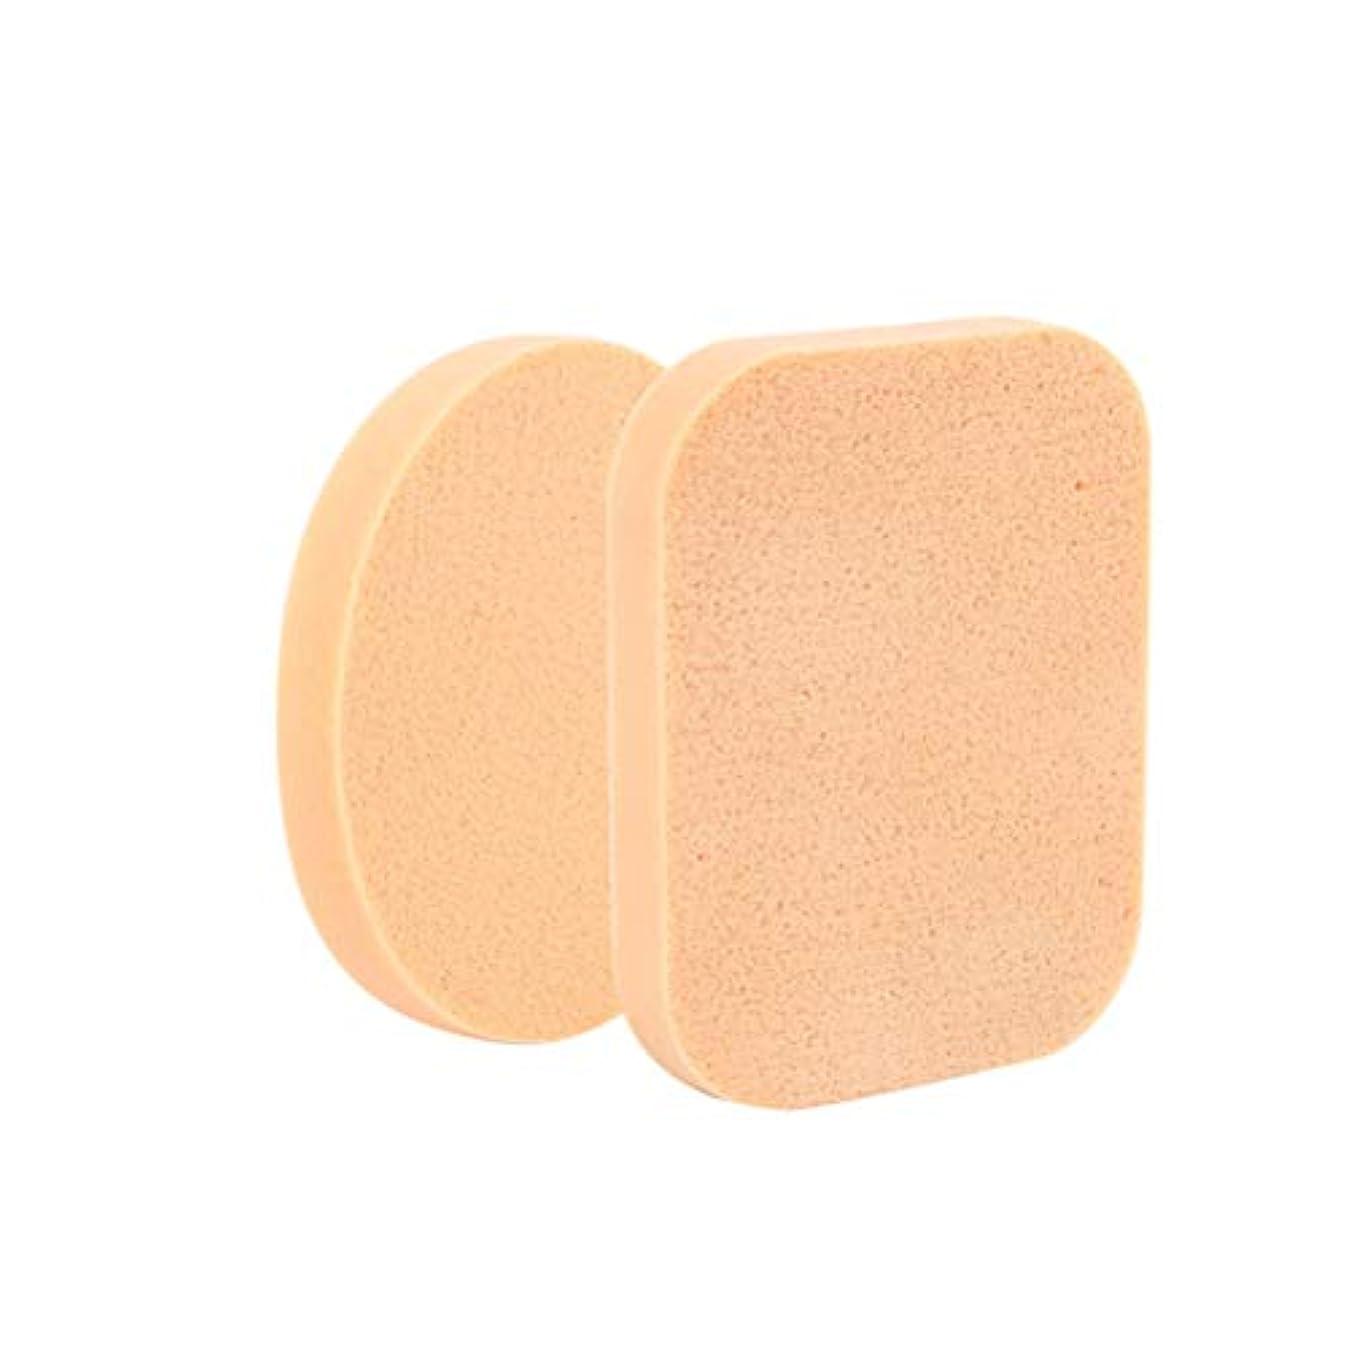 HEALIFTY 8ピース化粧品パフスポンジ洗顔スポンジフェイスケアクレンジングメイク落としツール